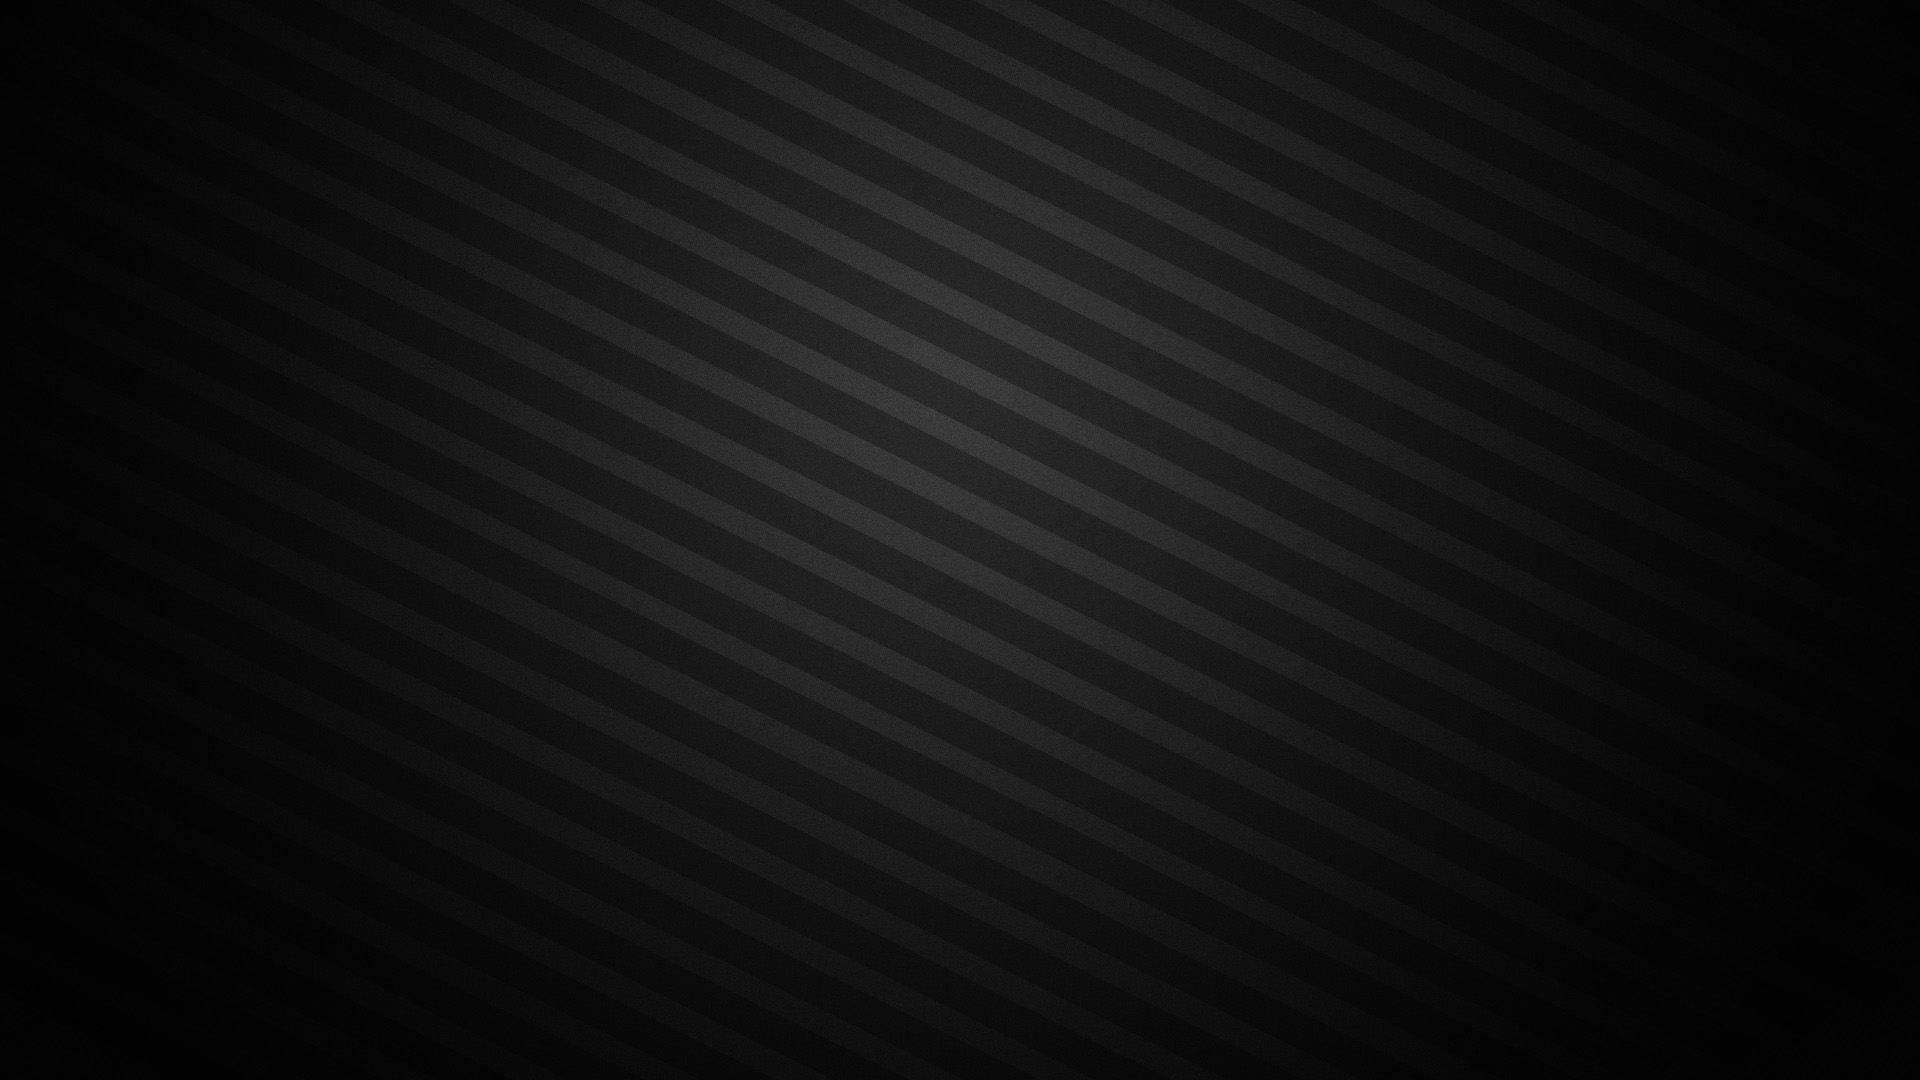 ゾーン ユーザー 起きる 壁紙 19x1080 黒 Asakura Riken Jp